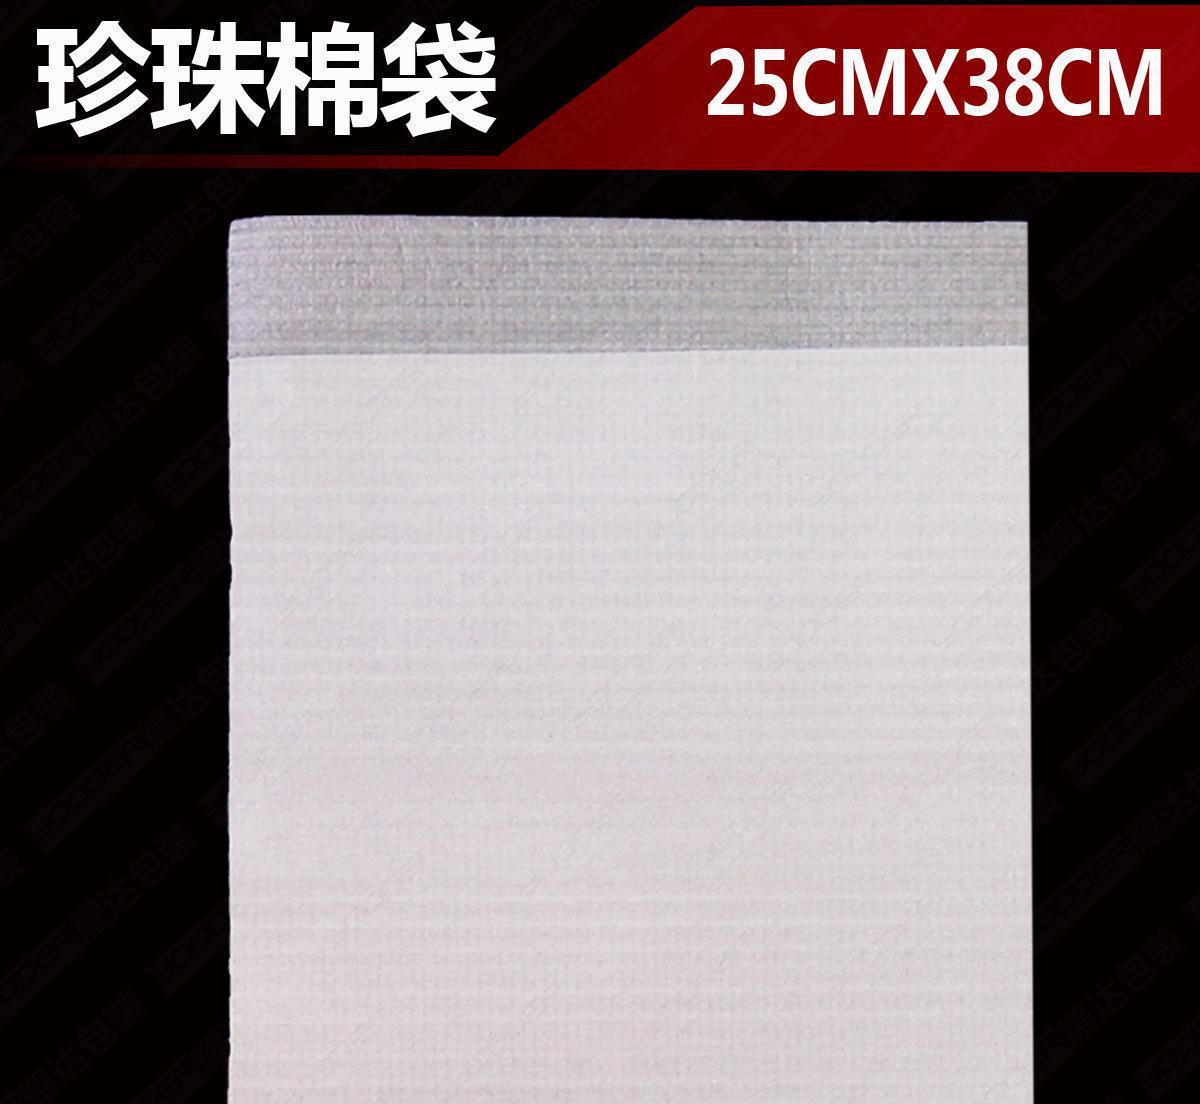 供应EPE珍珠棉发泡膜包装防震膜/专业生产EPE珍珠棉发泡膜包装防震